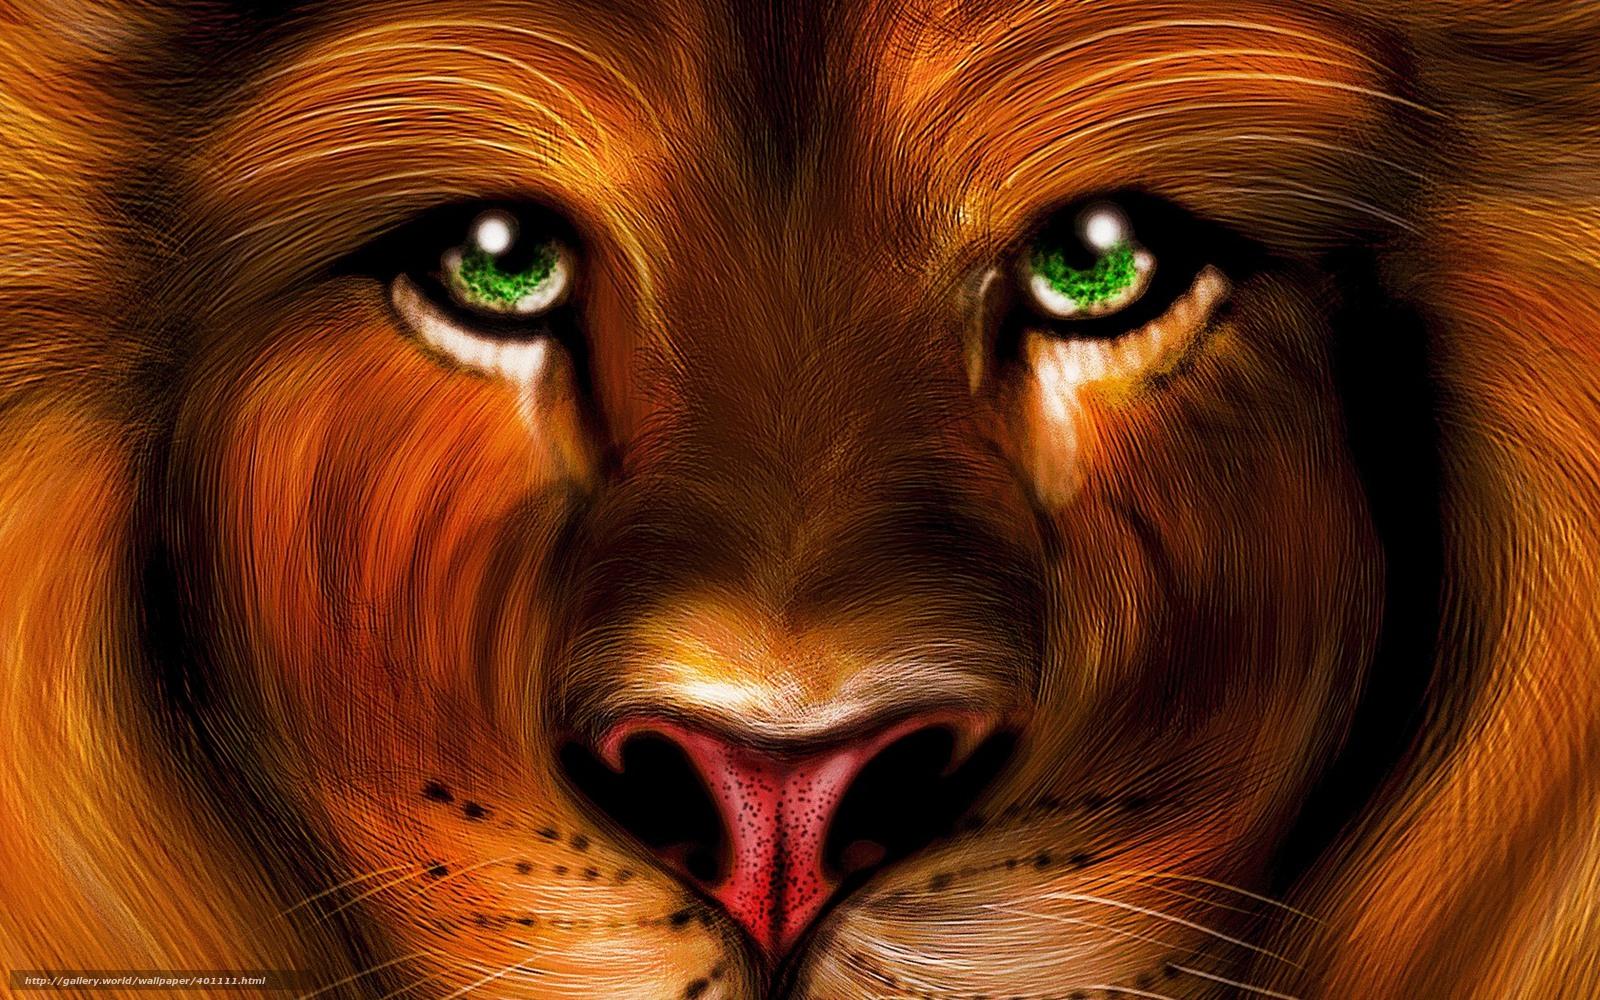 Scaricare gli sfondi leone vista pittura carta da for Sfondi leone